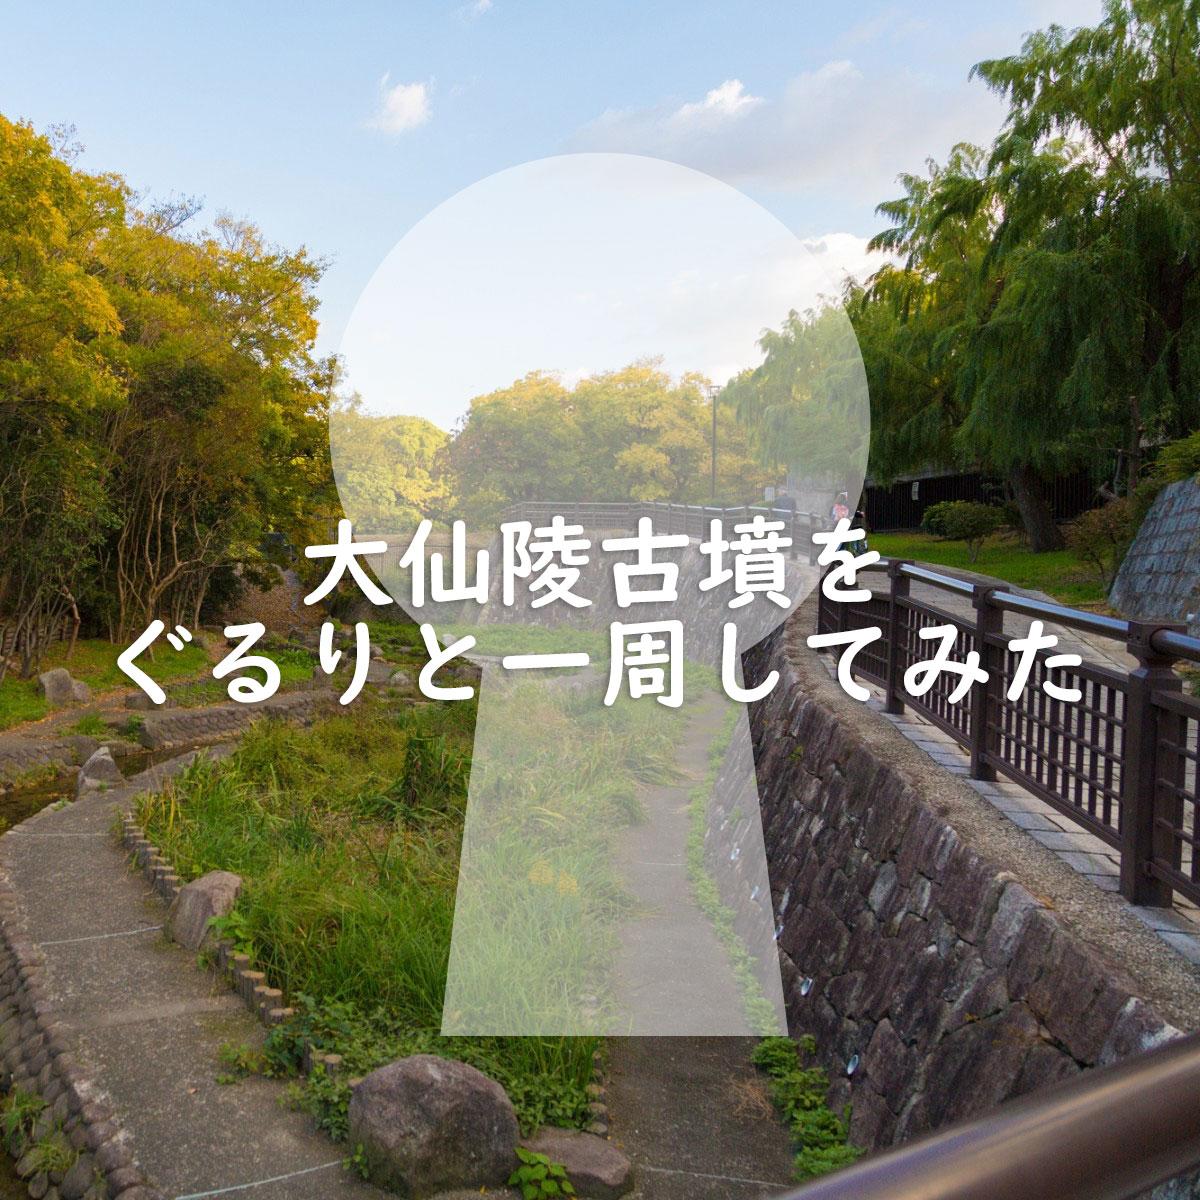 大阪・堺】大仙陵古墳をぐるりと...